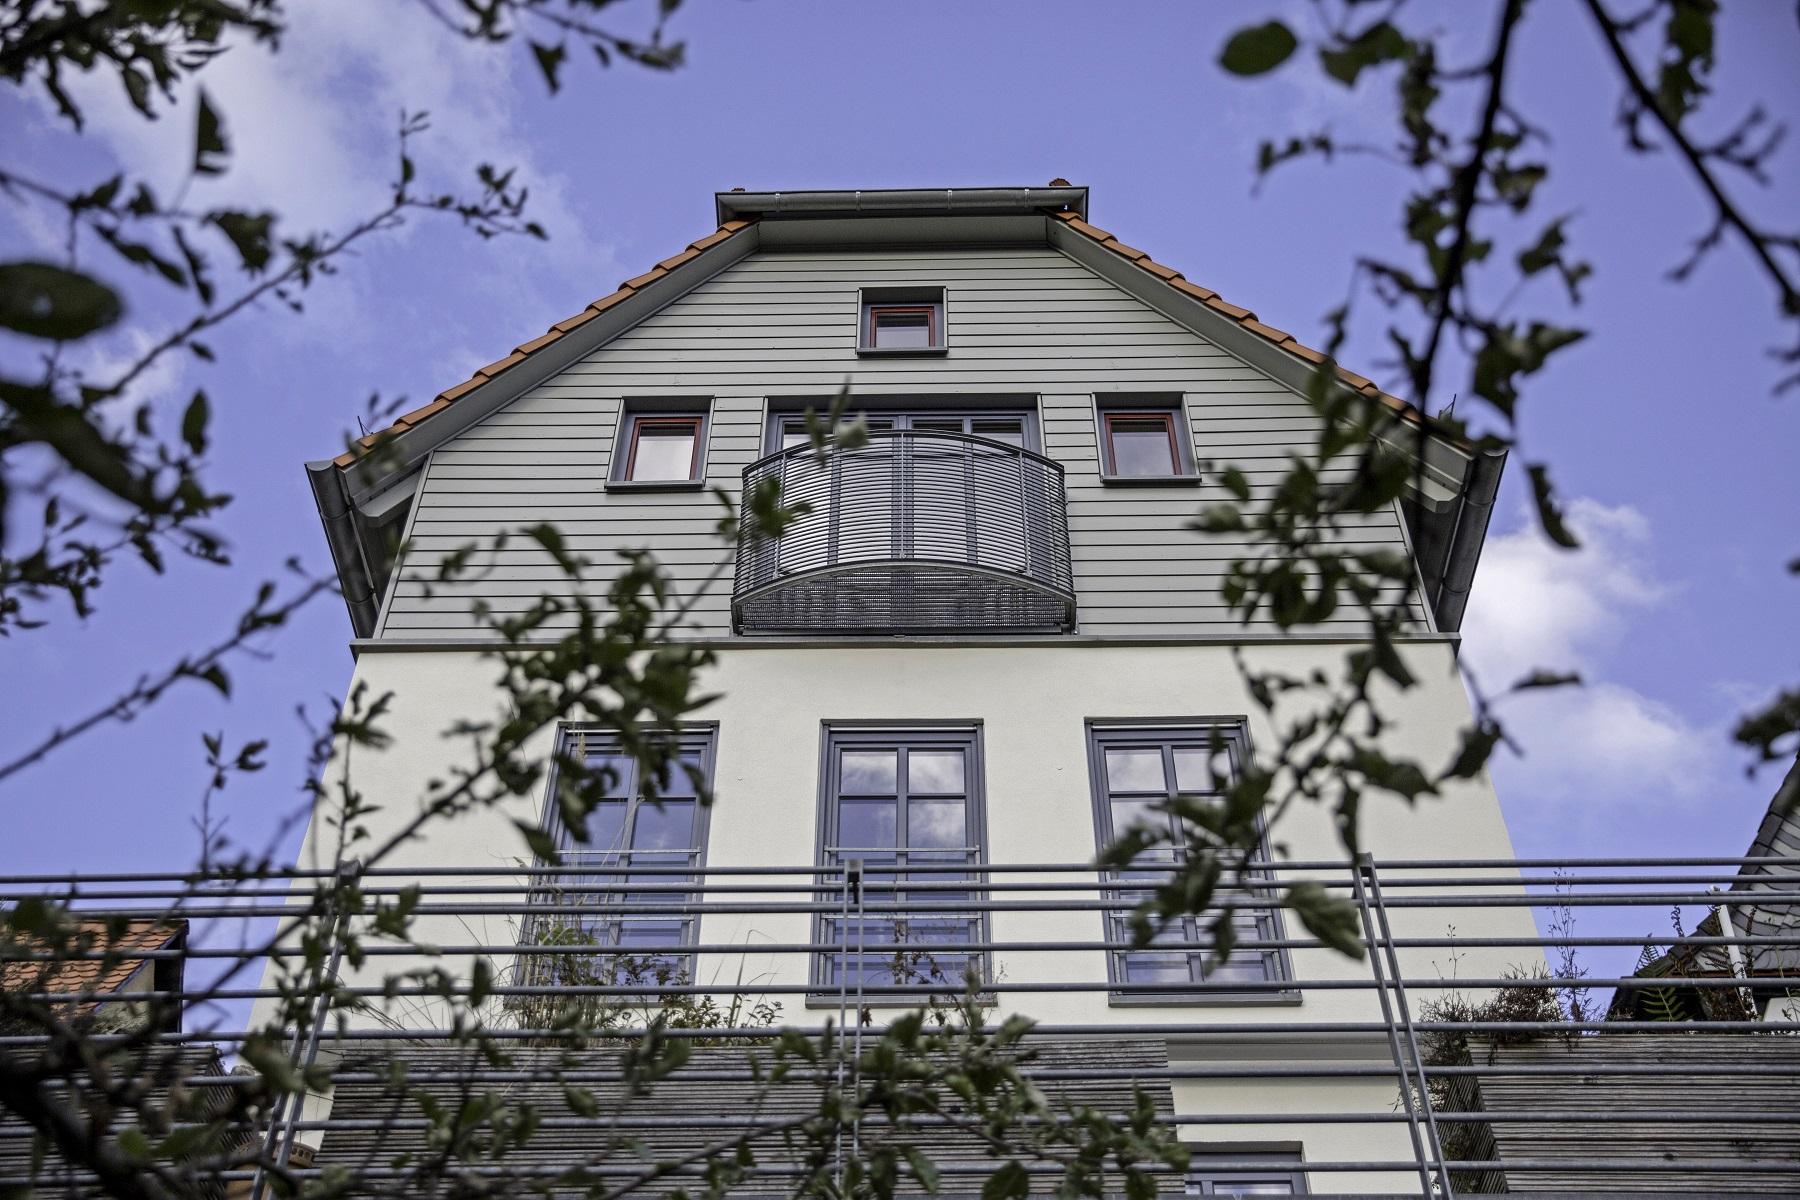 Casa Unifamiliar por un Venta en Very Special Townhouse Kronberg, Hessen, 61476 Alemania